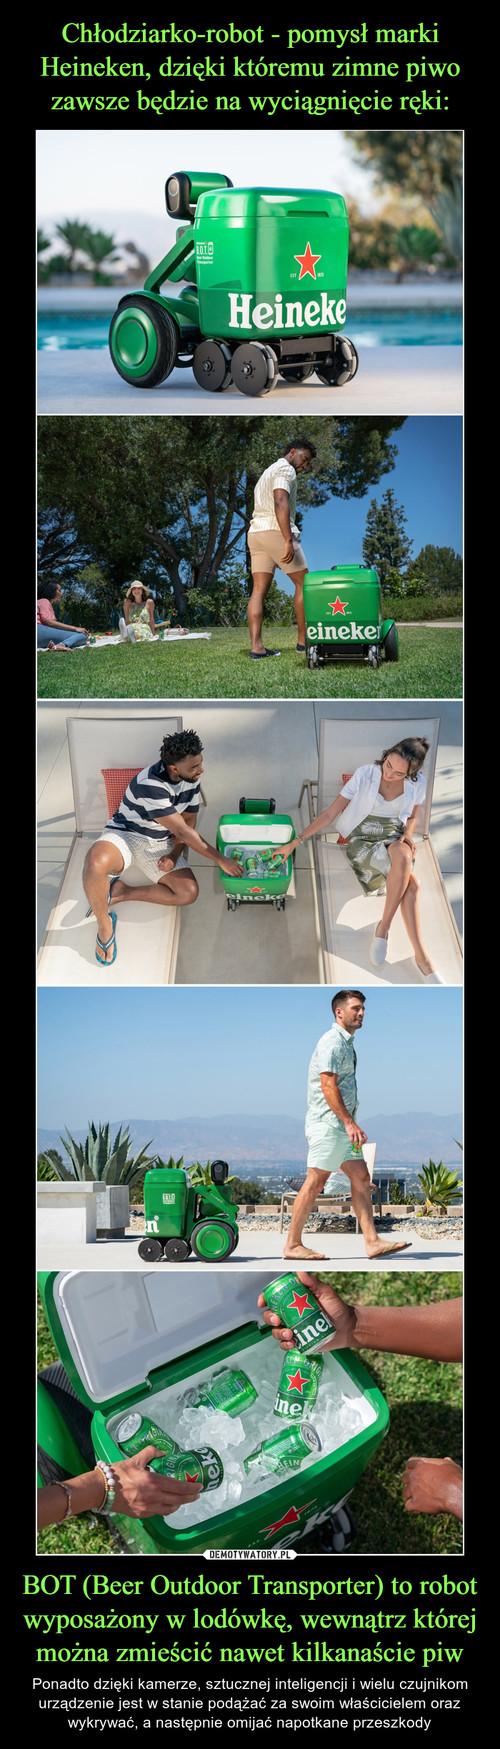 Chłodziarko-robot - pomysł marki Heineken, dzięki któremu zimne piwo zawsze będzie na wyciągnięcie ręki: BOT (Beer Outdoor Transporter) to robot wyposażony w lodówkę, wewnątrz której można zmieścić nawet kilkanaście piw